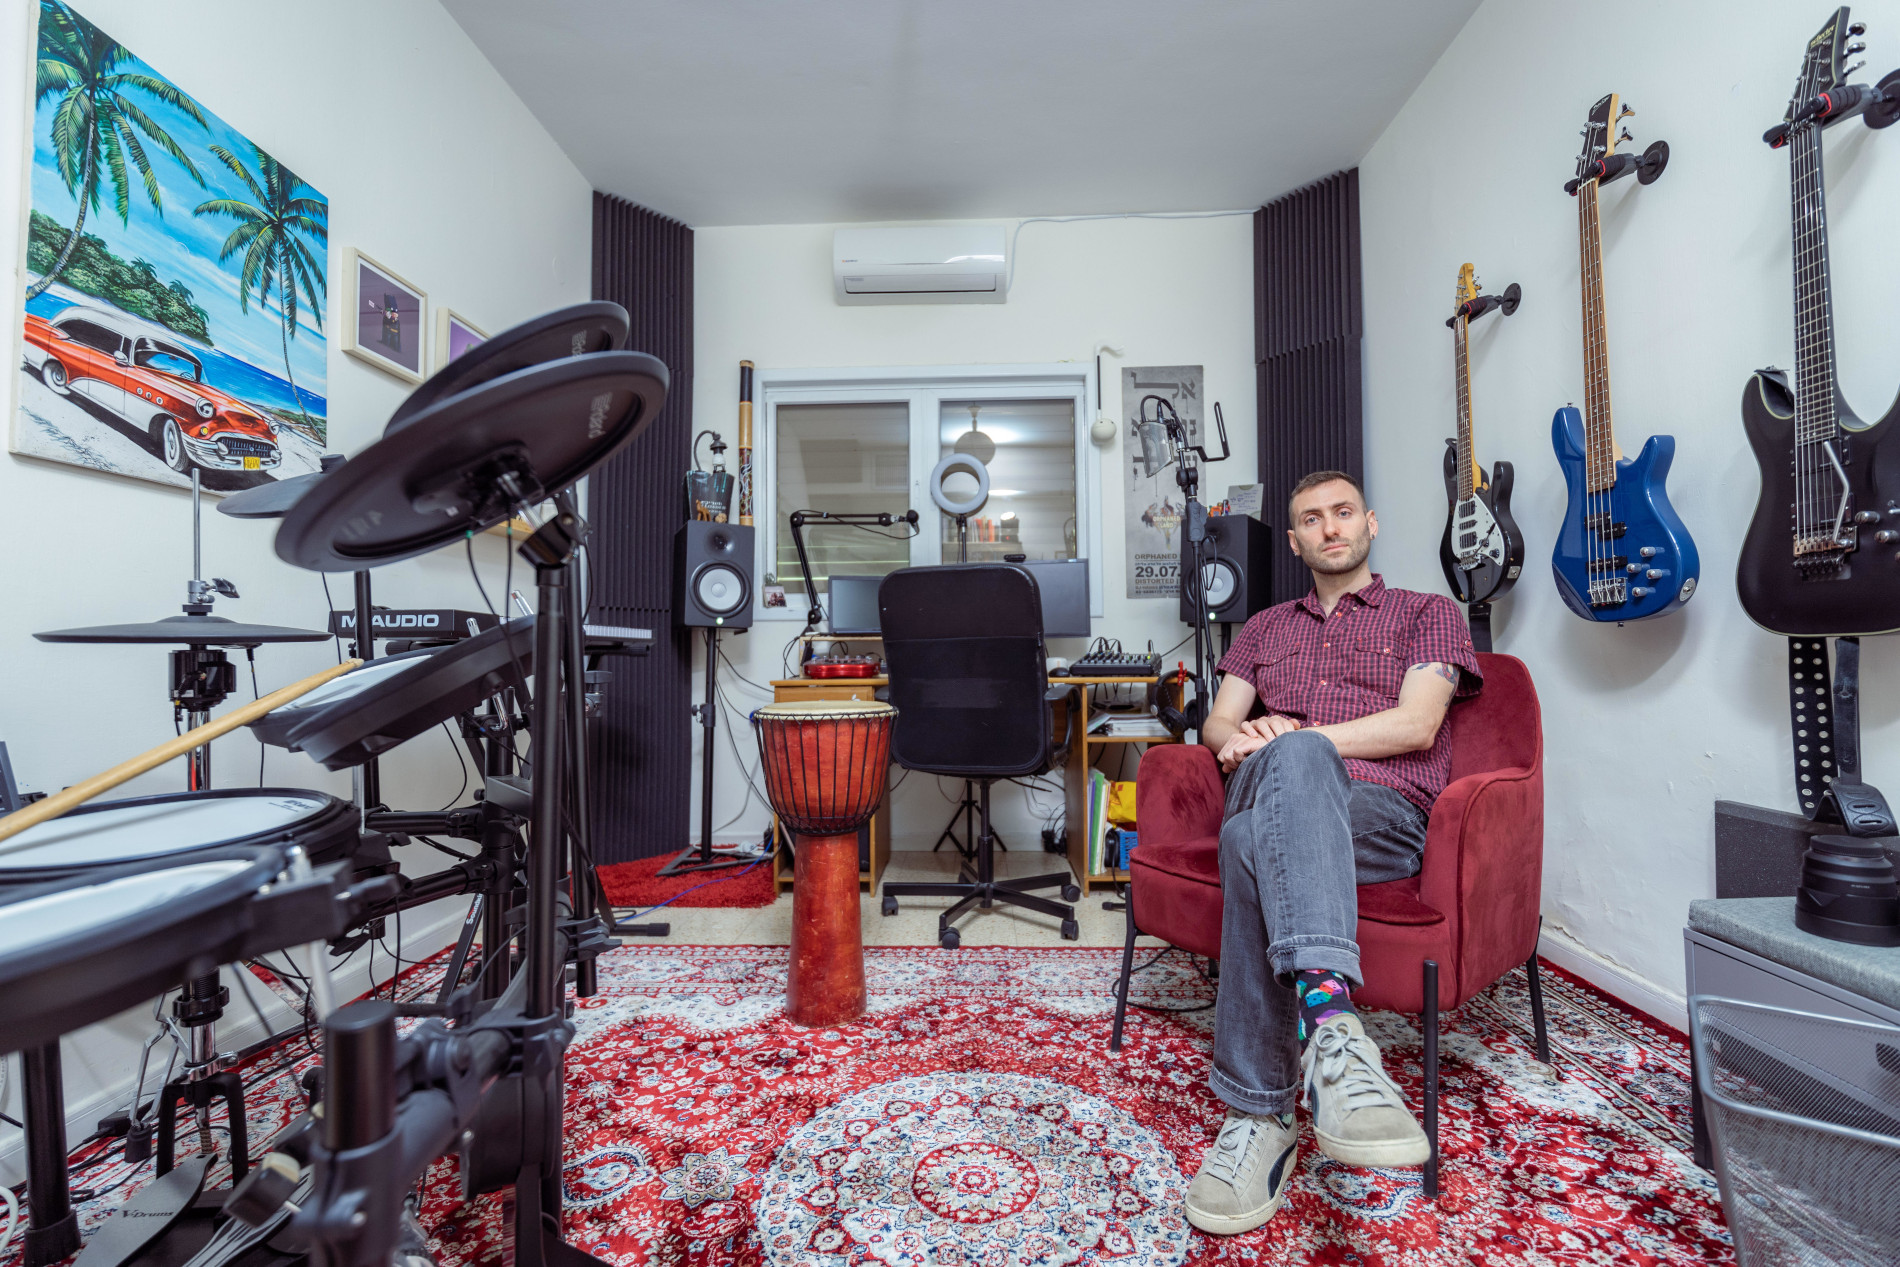 ניב ארביב-דוגו: בין דיבור, נגינה והאזנה למוסיקה